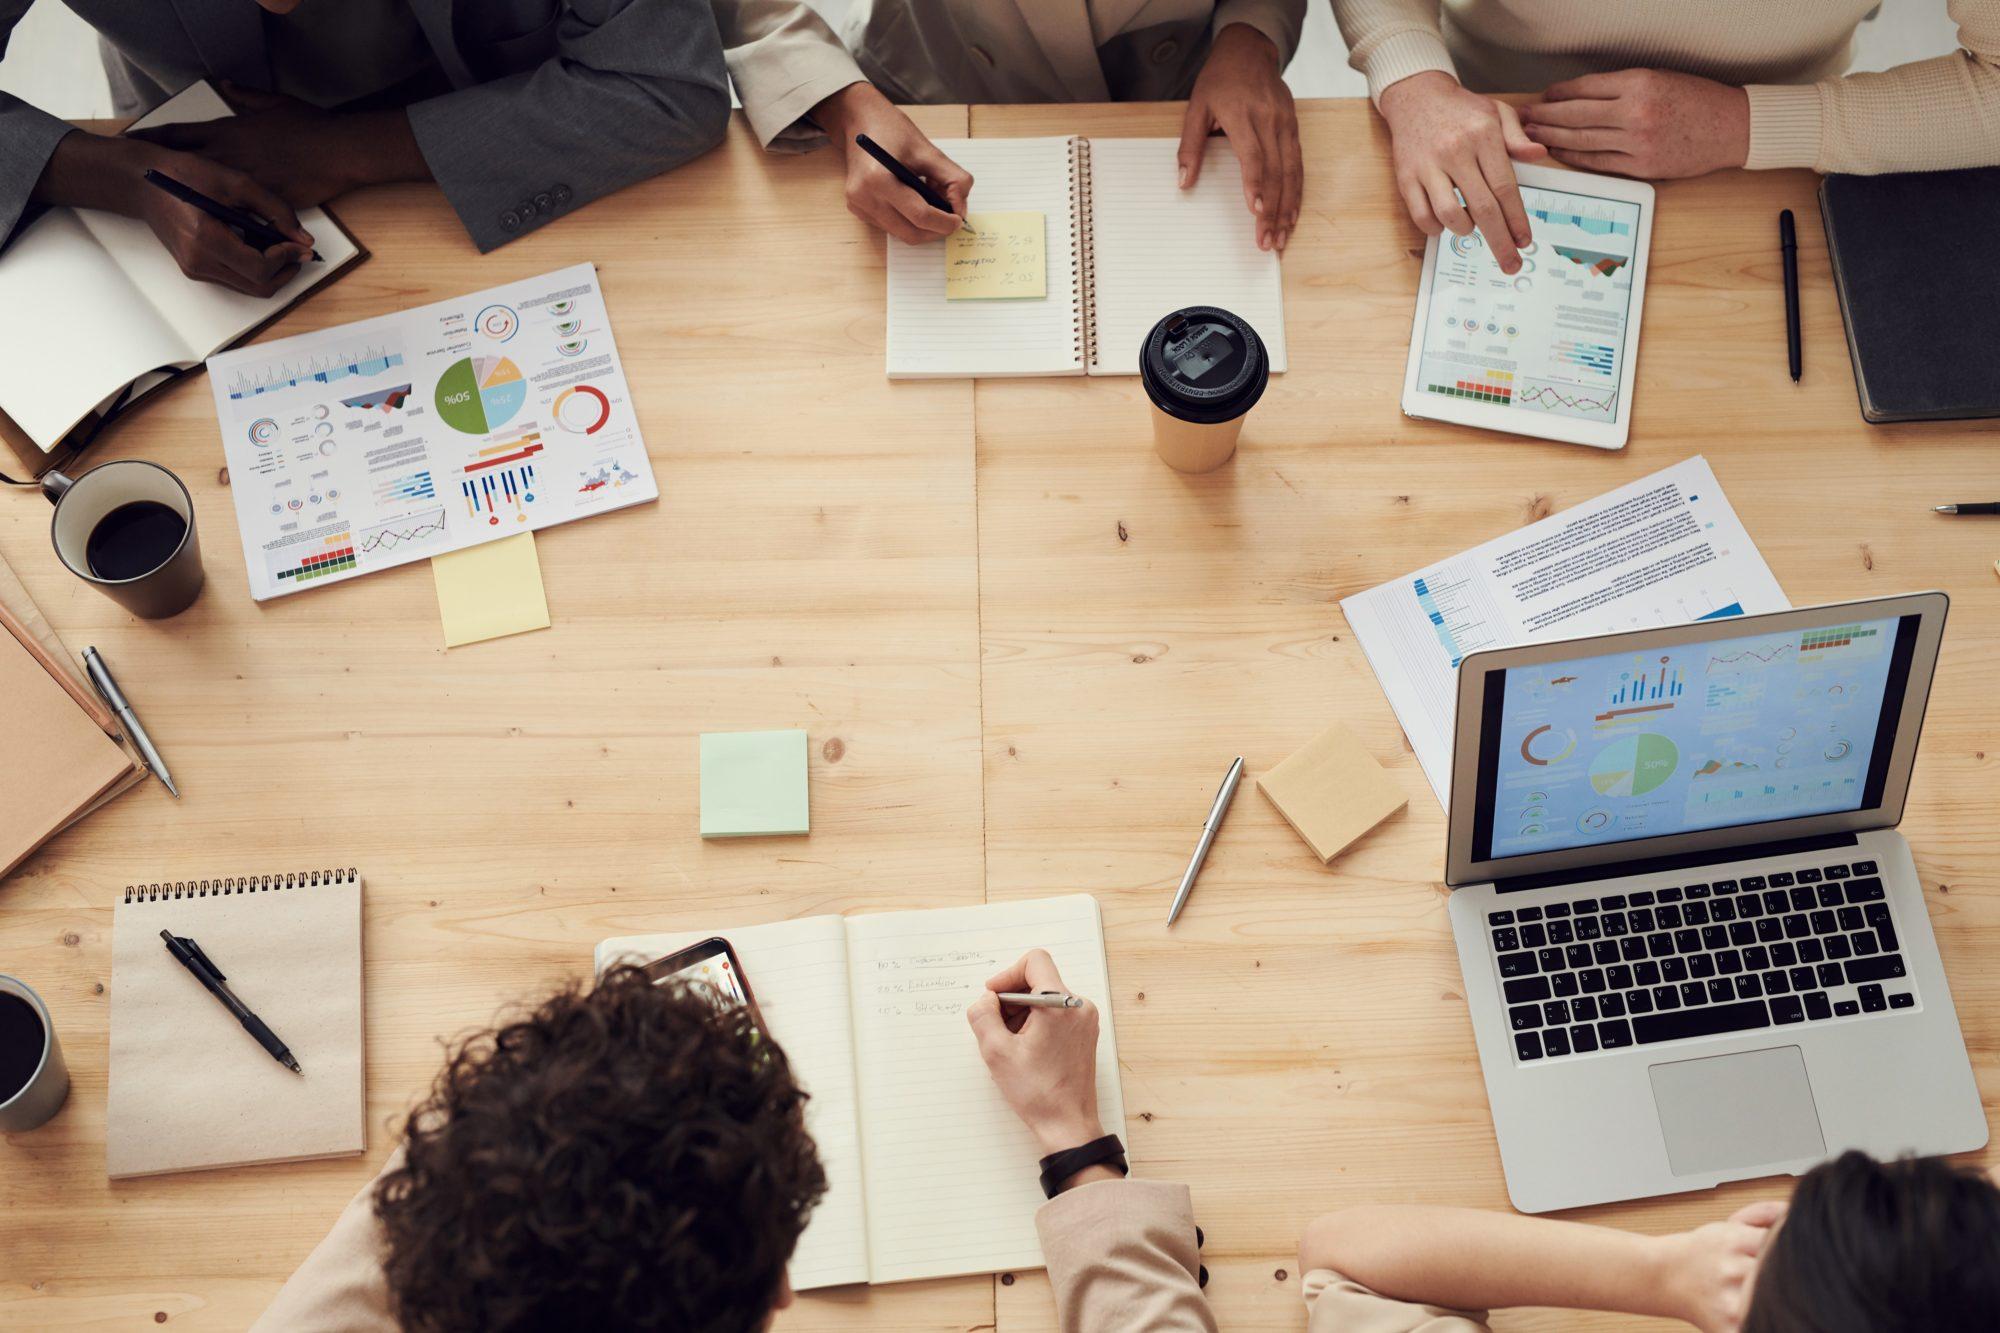 ¿Cómo evitar el Brand Shaming?